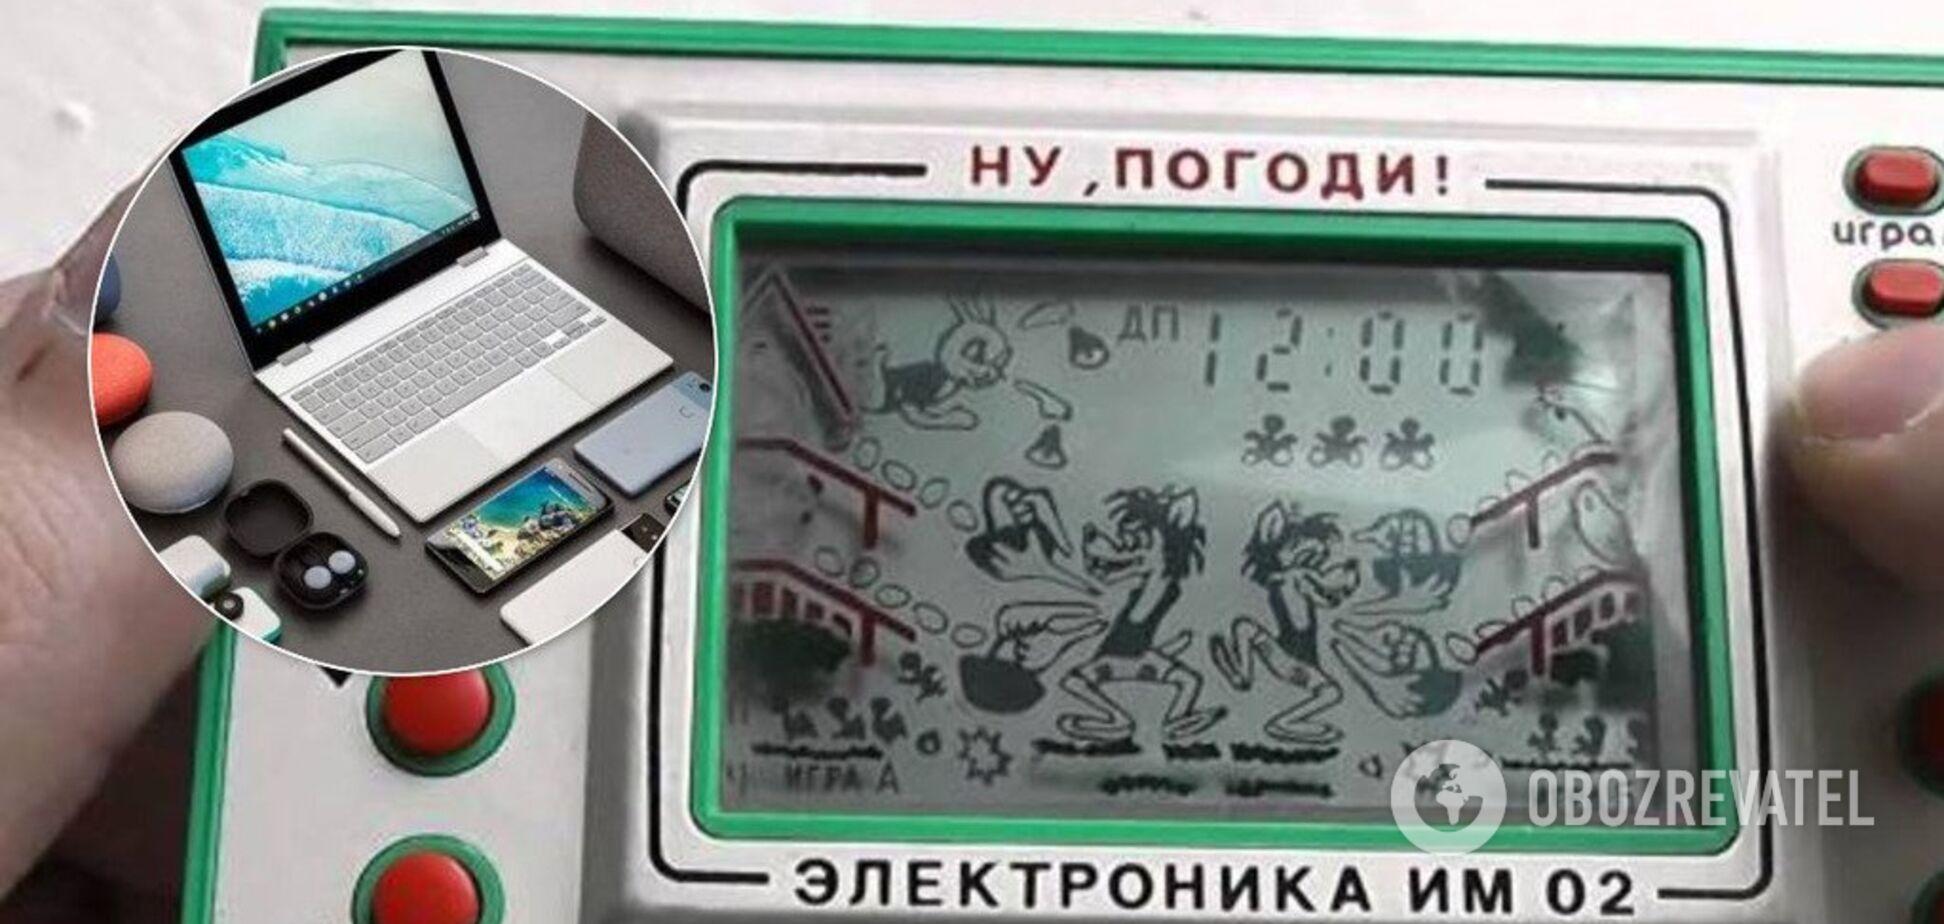 Made in USSR: как выглядели первые советские ноутбук, мобильный и микроволновка. Фото